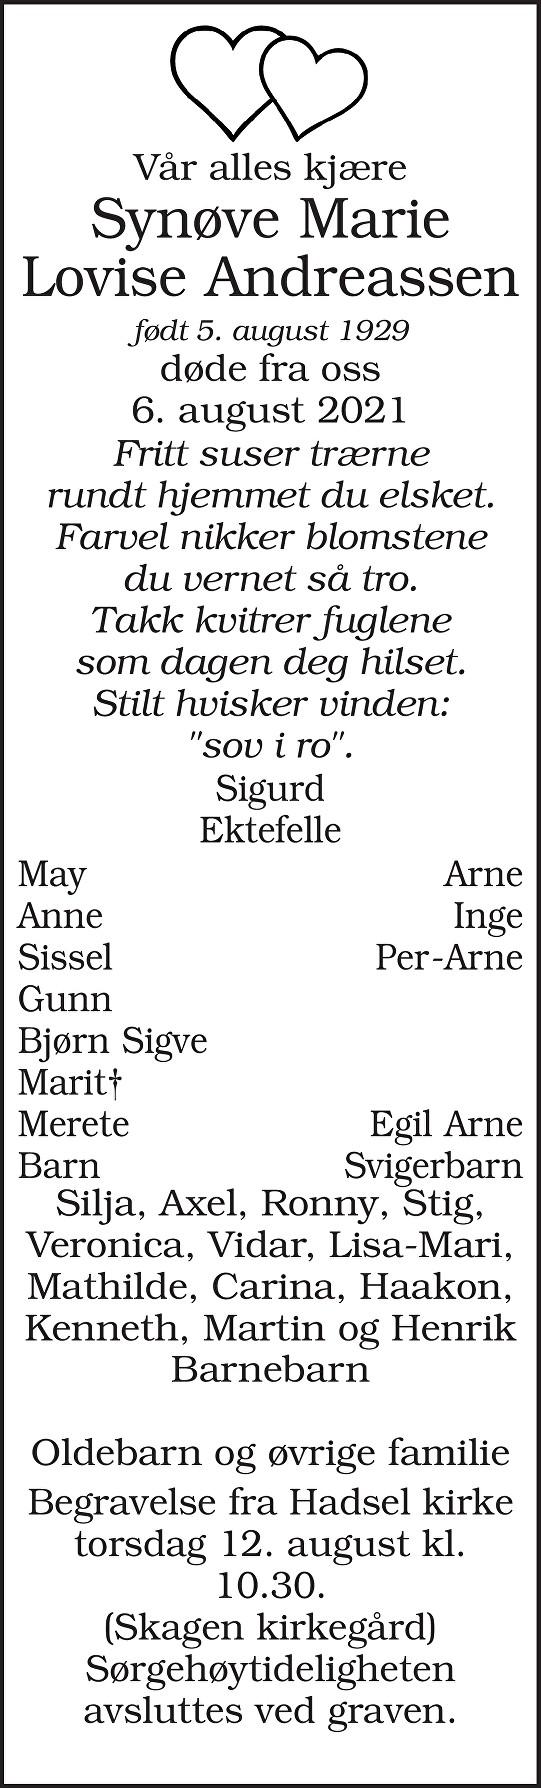 Synøve Marie Lovise Andreassen Dødsannonse